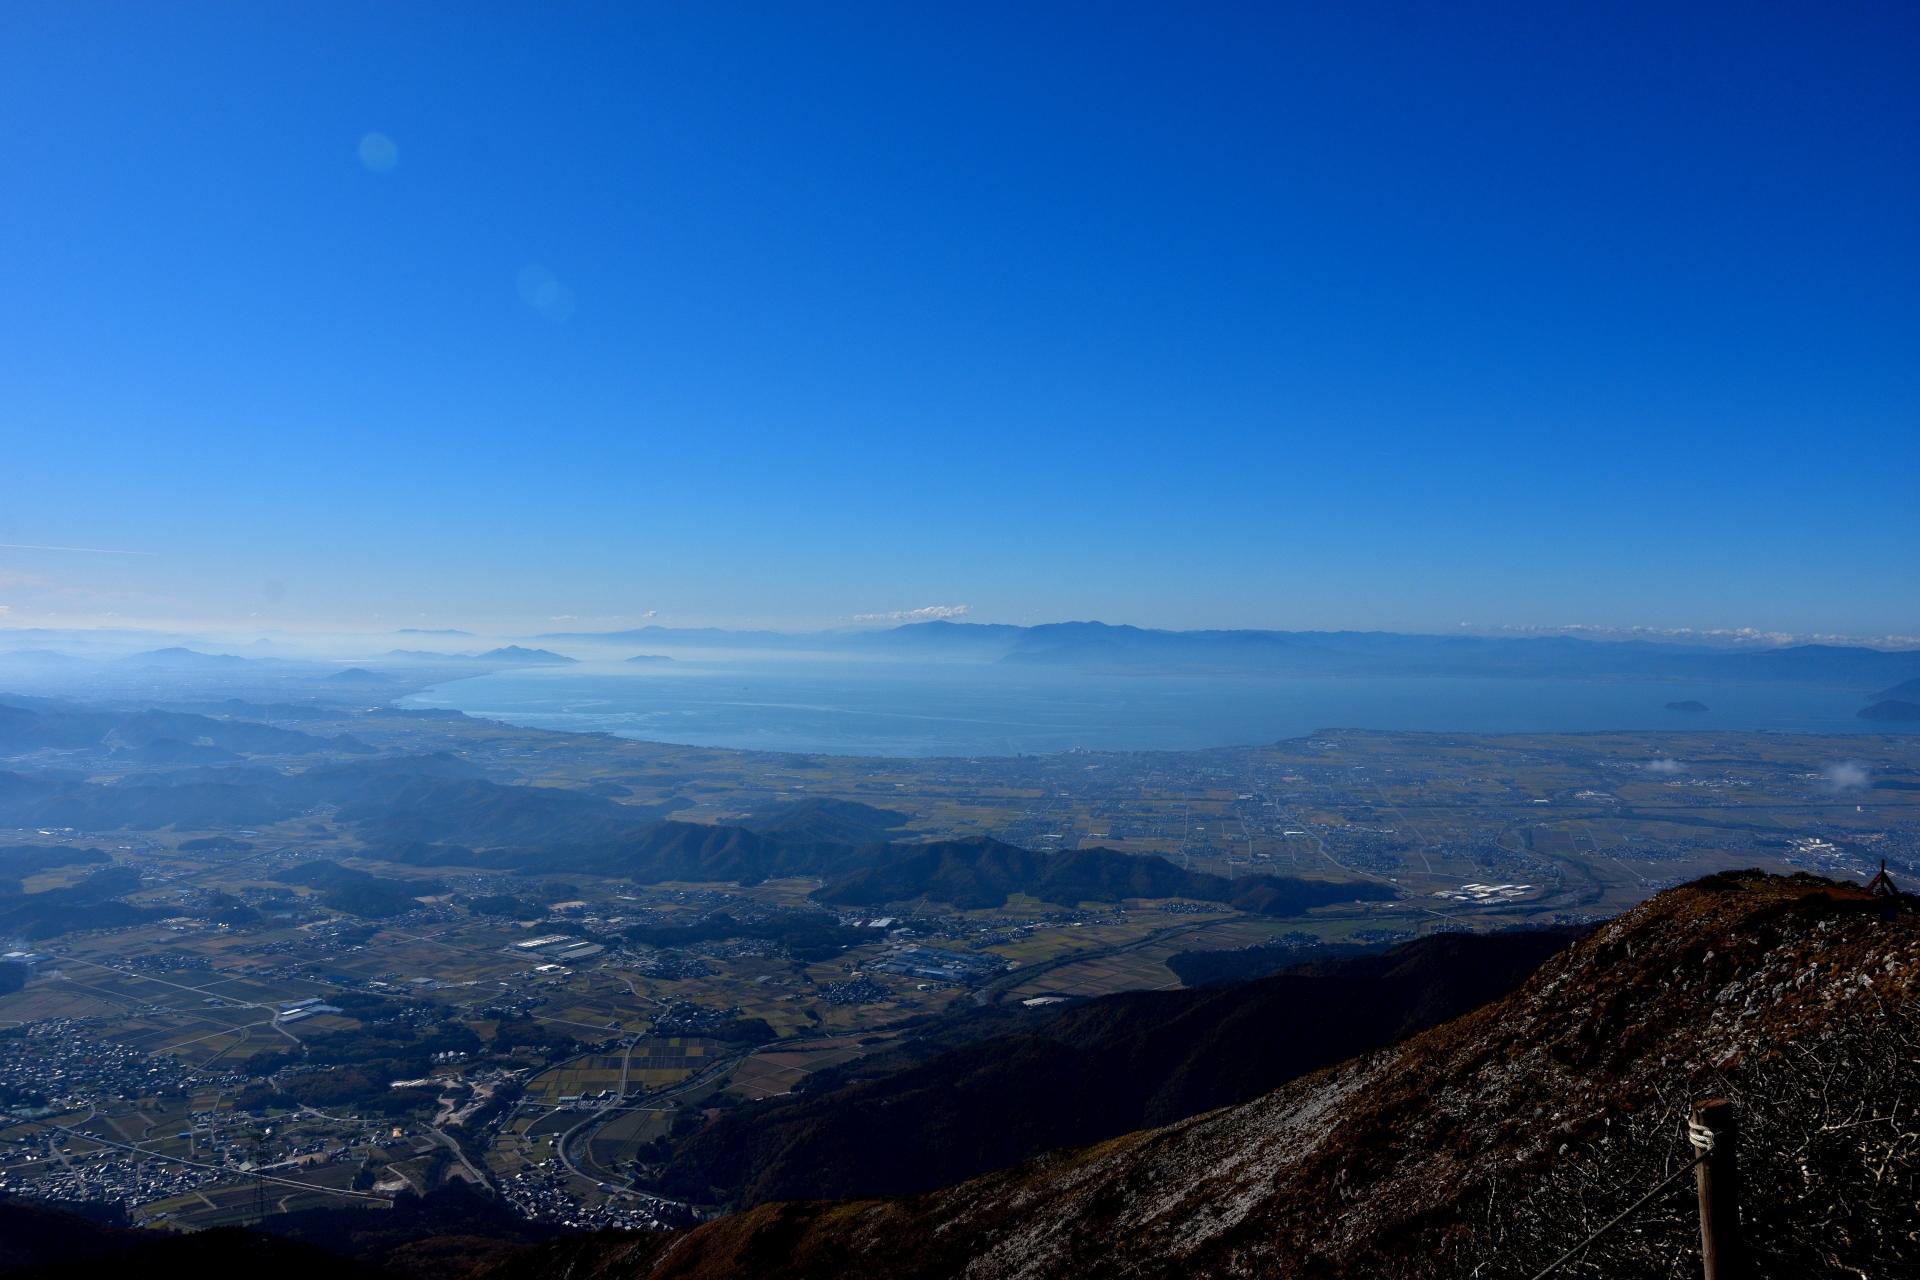 琵琶湖が小さくなっている? GPS調査で判明